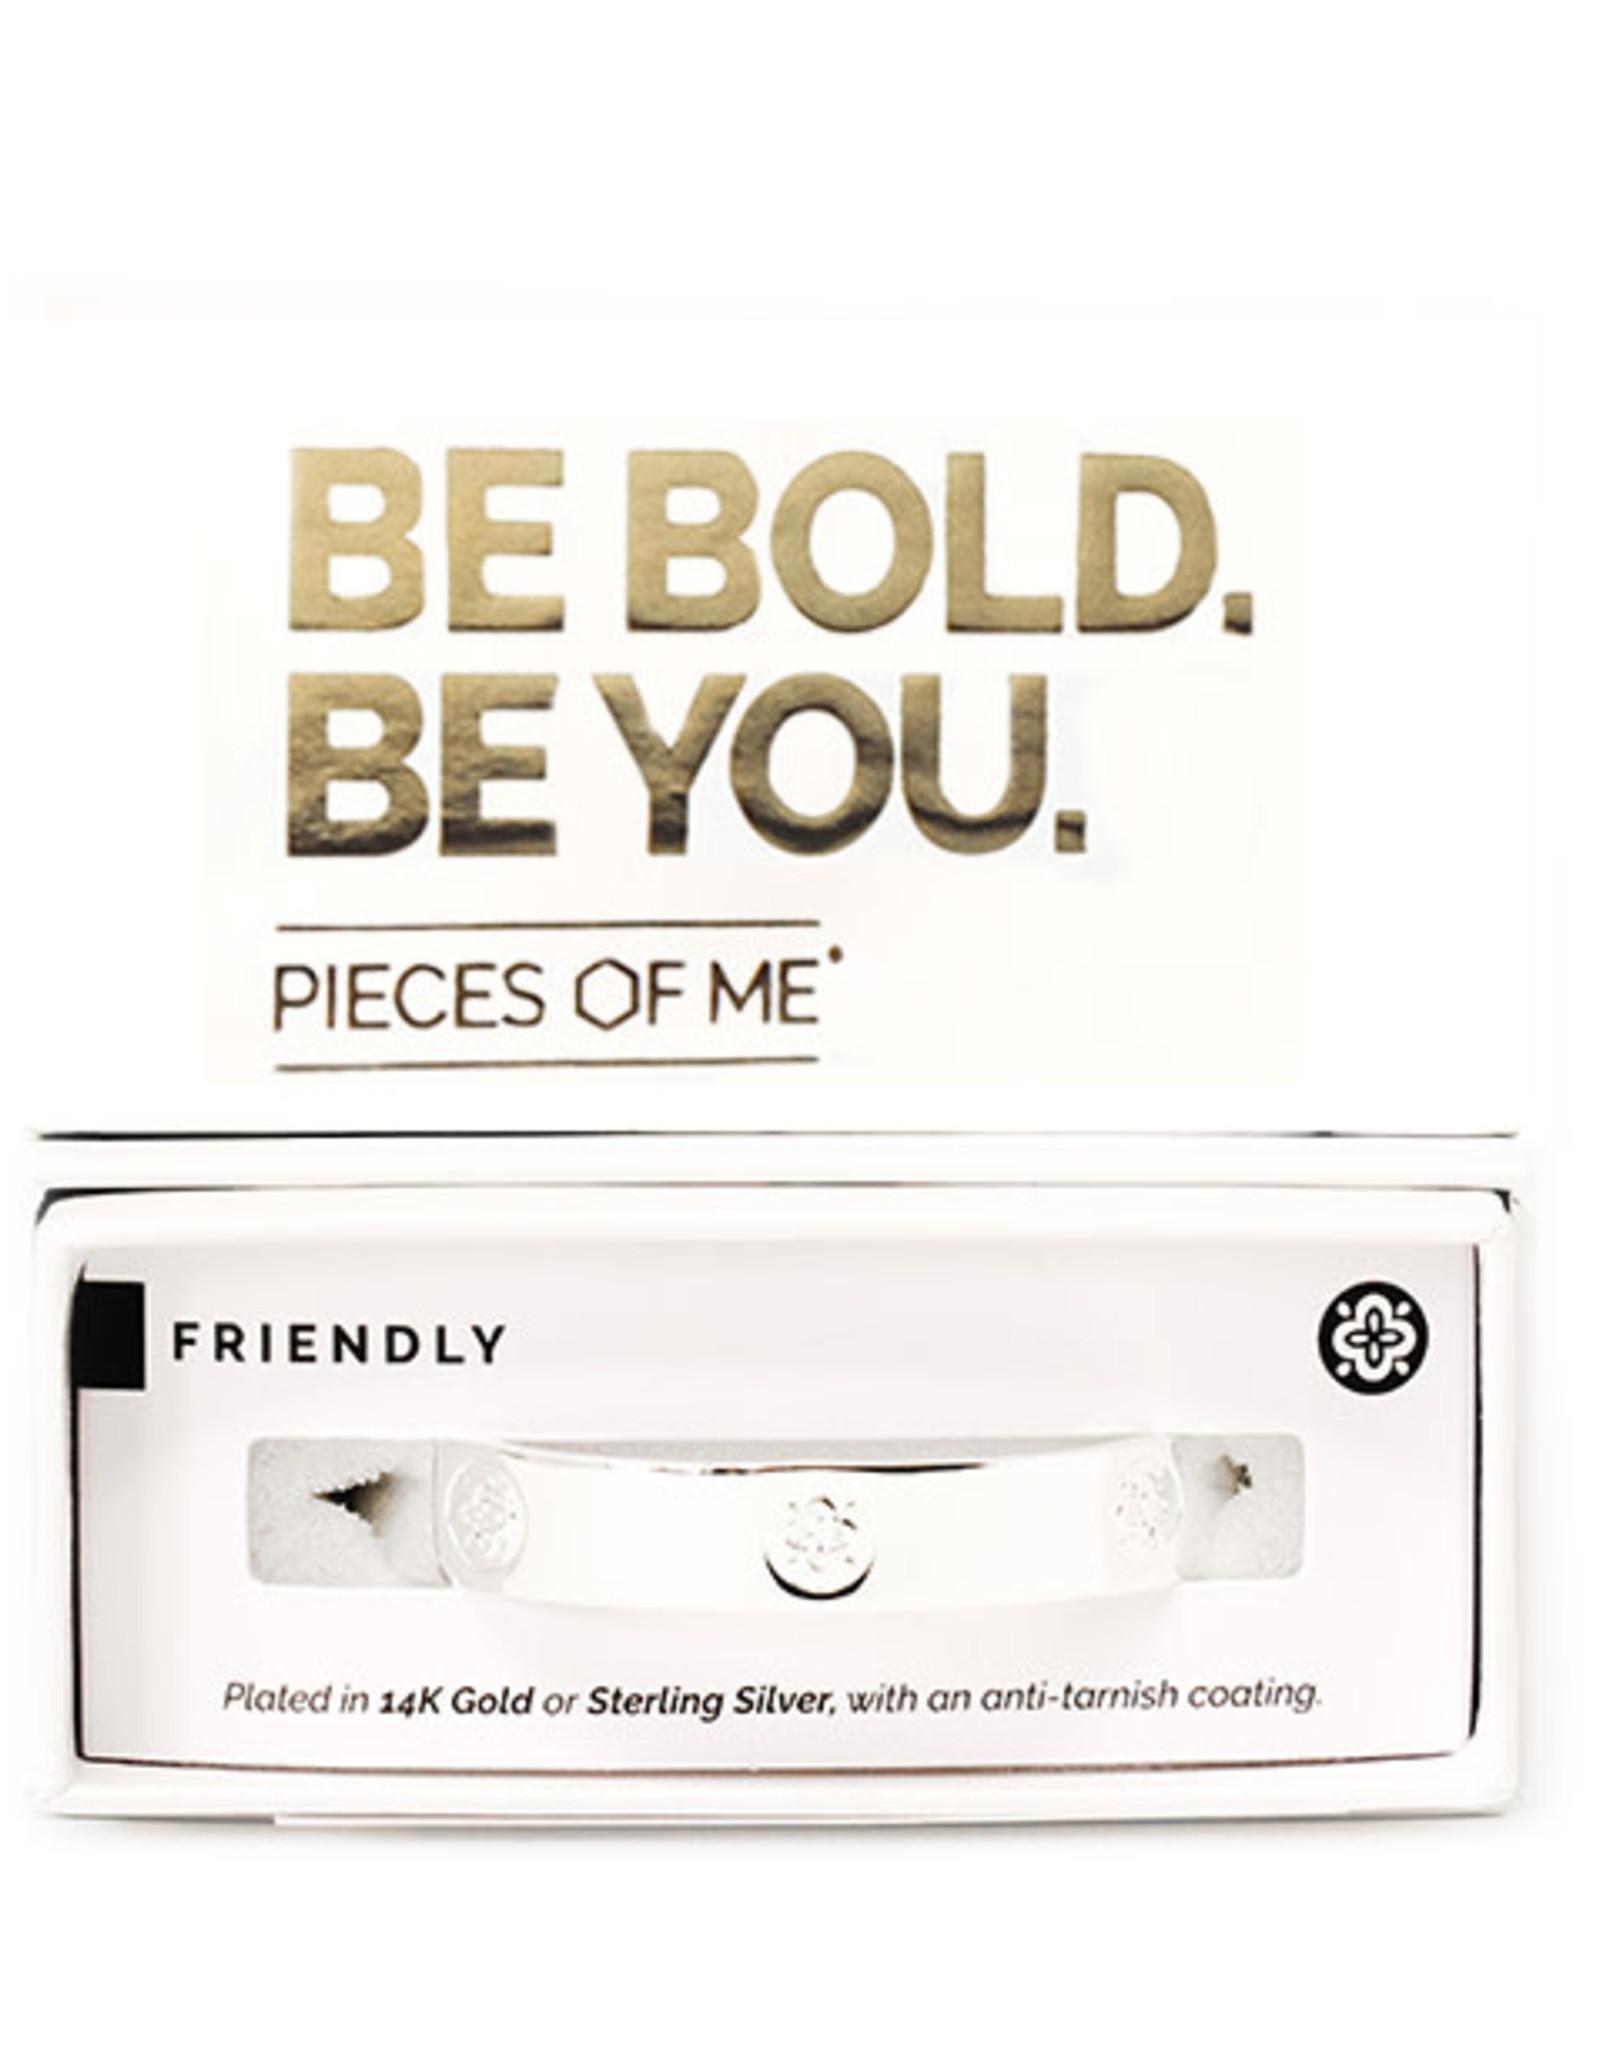 Pieces of Me Bracelet Friendly Silver